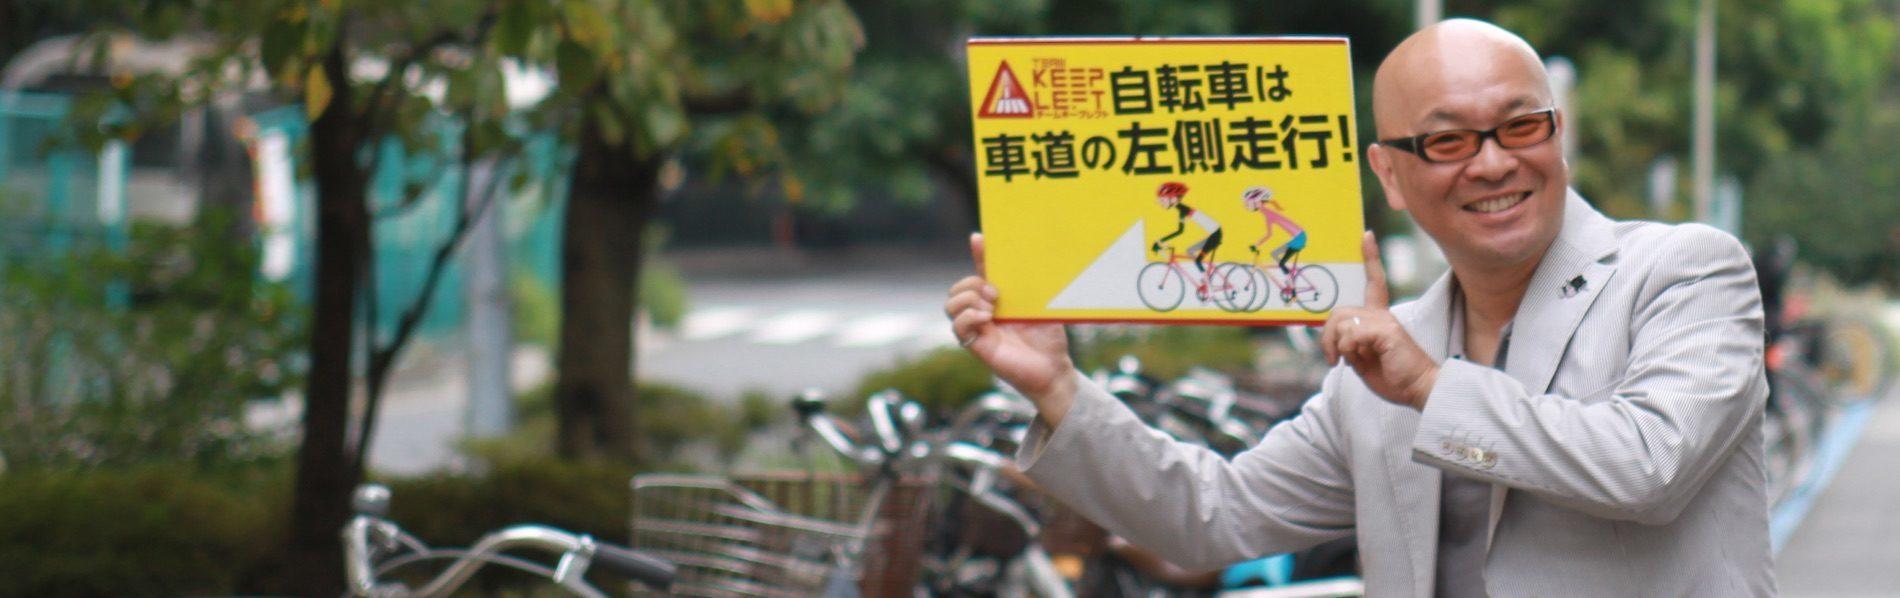 疋田智の『週刊自転車ツーキニスト』